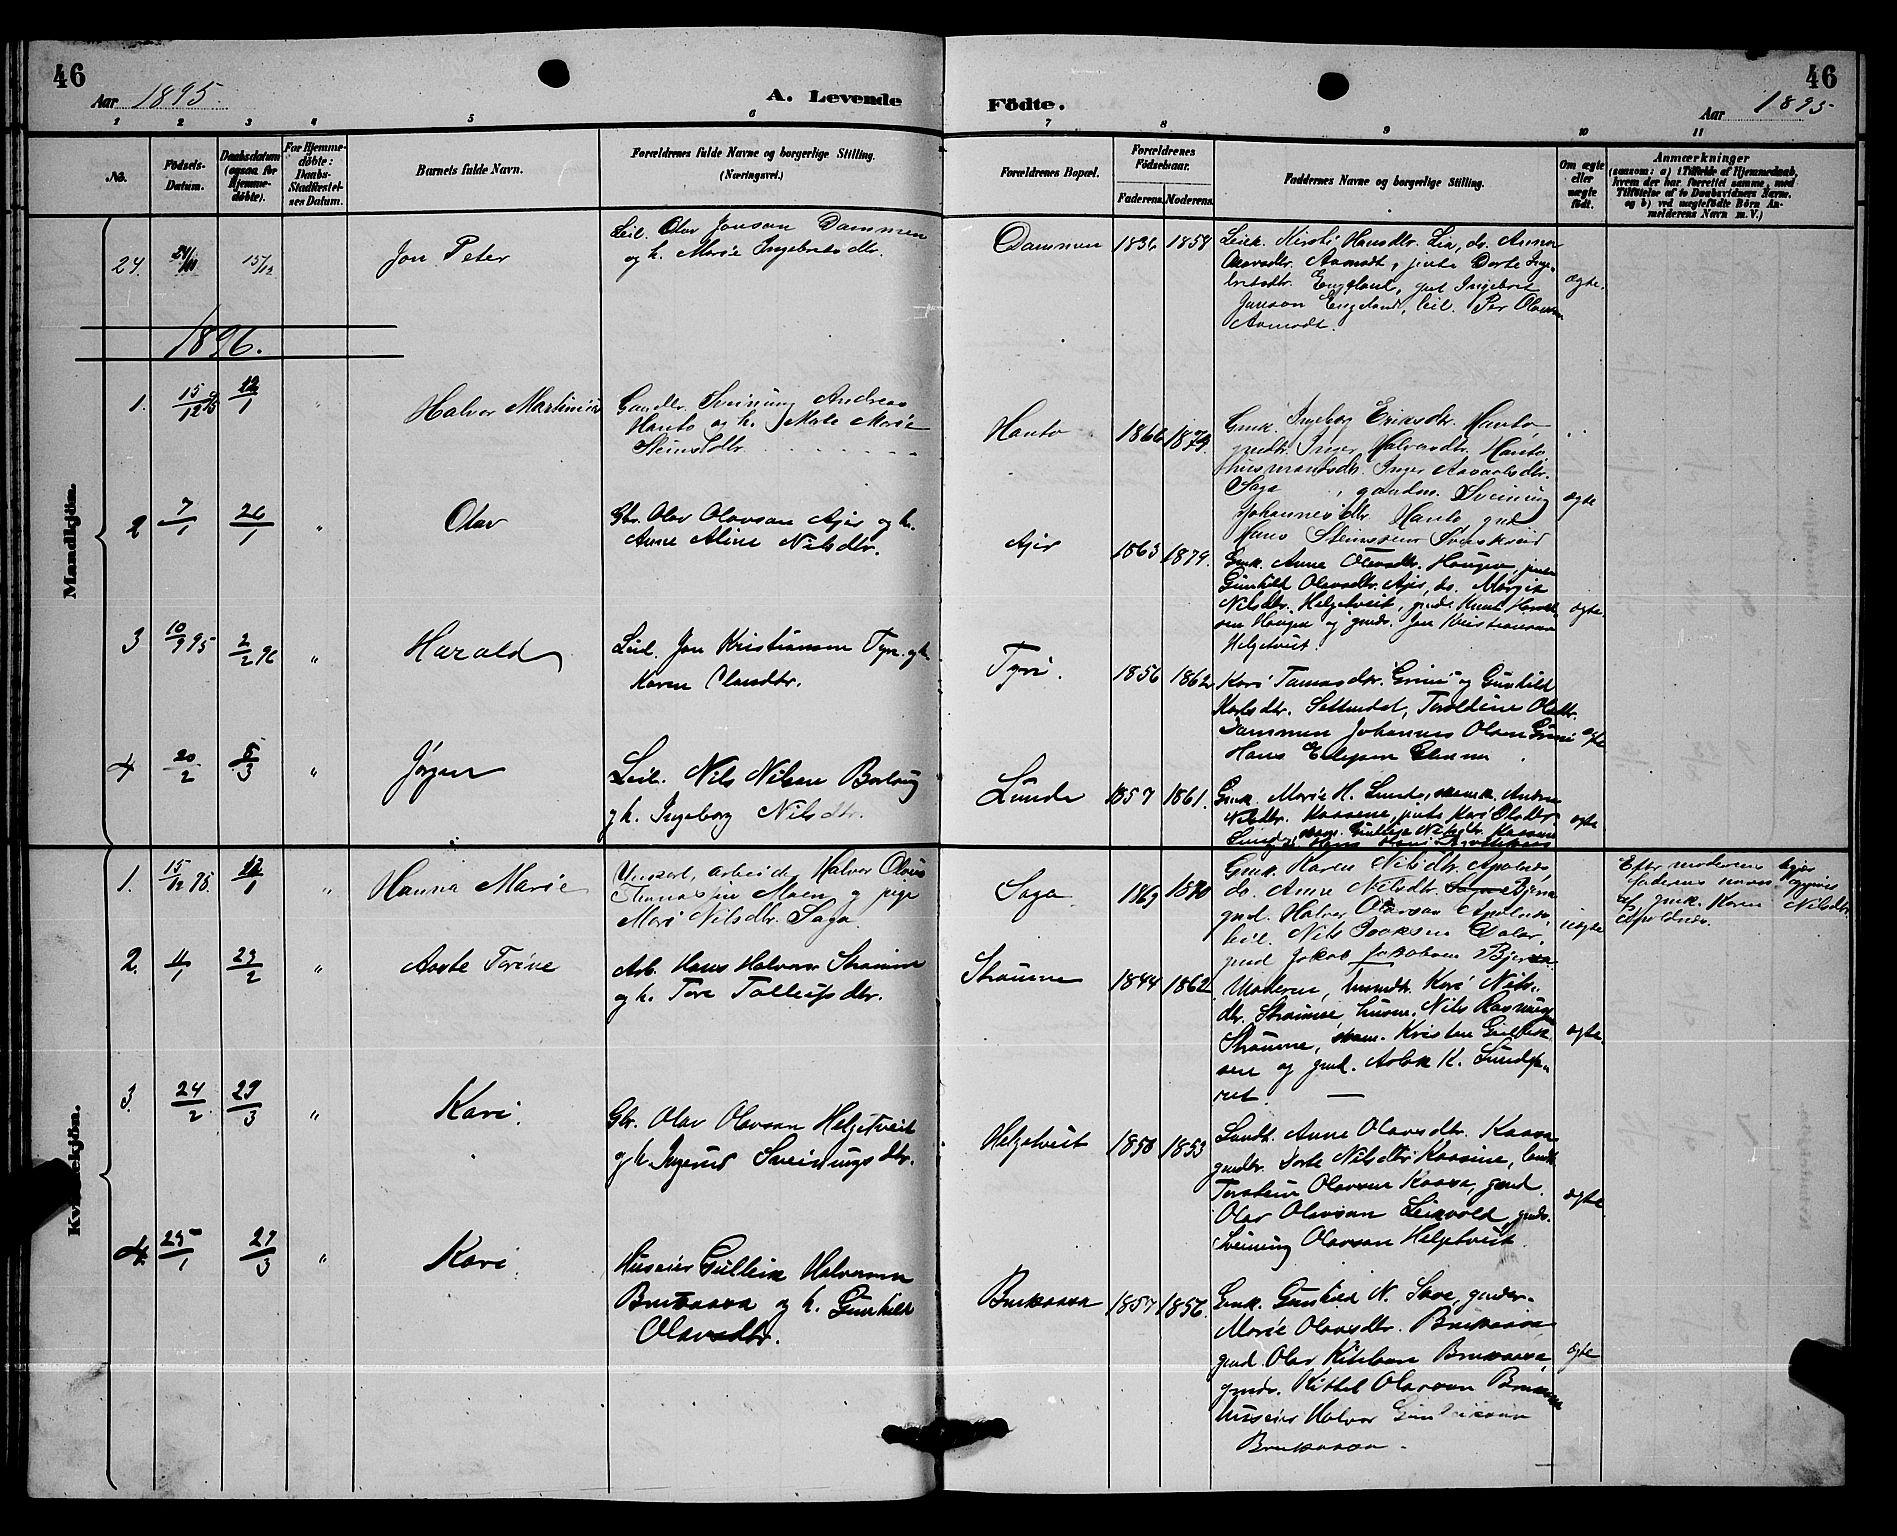 SAKO, Lunde kirkebøker, G/Ga/L0002: Klokkerbok nr. I 2, 1887-1896, s. 46